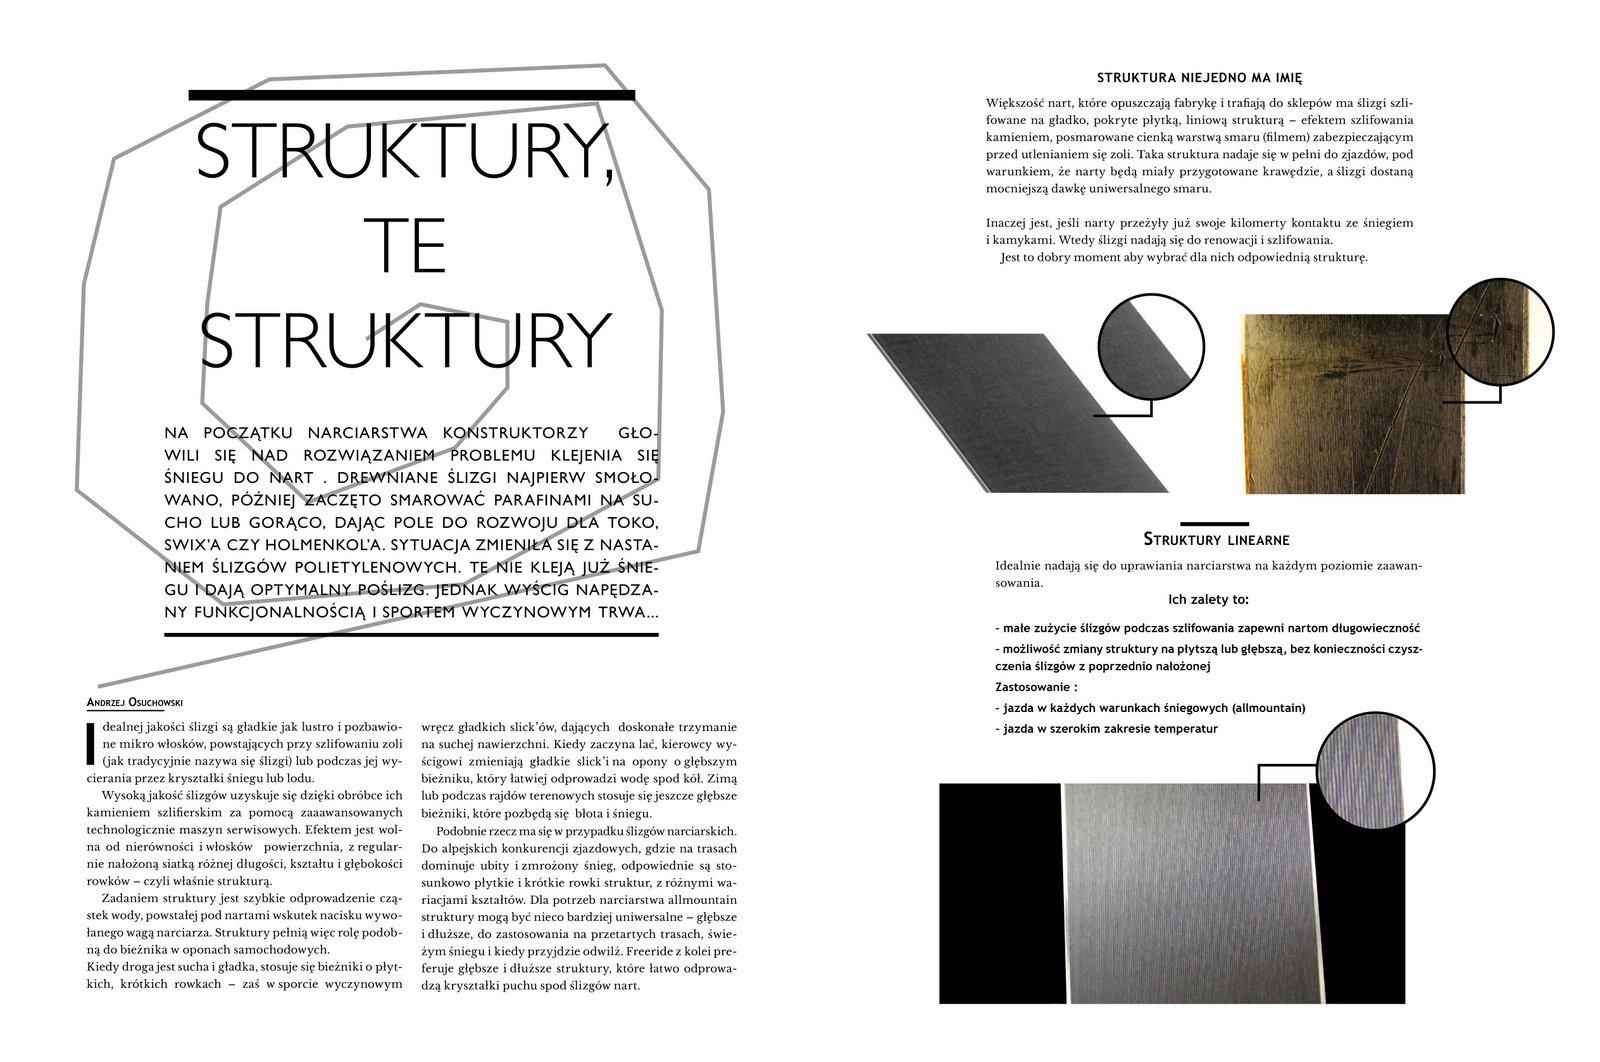 1-struktury.jpg